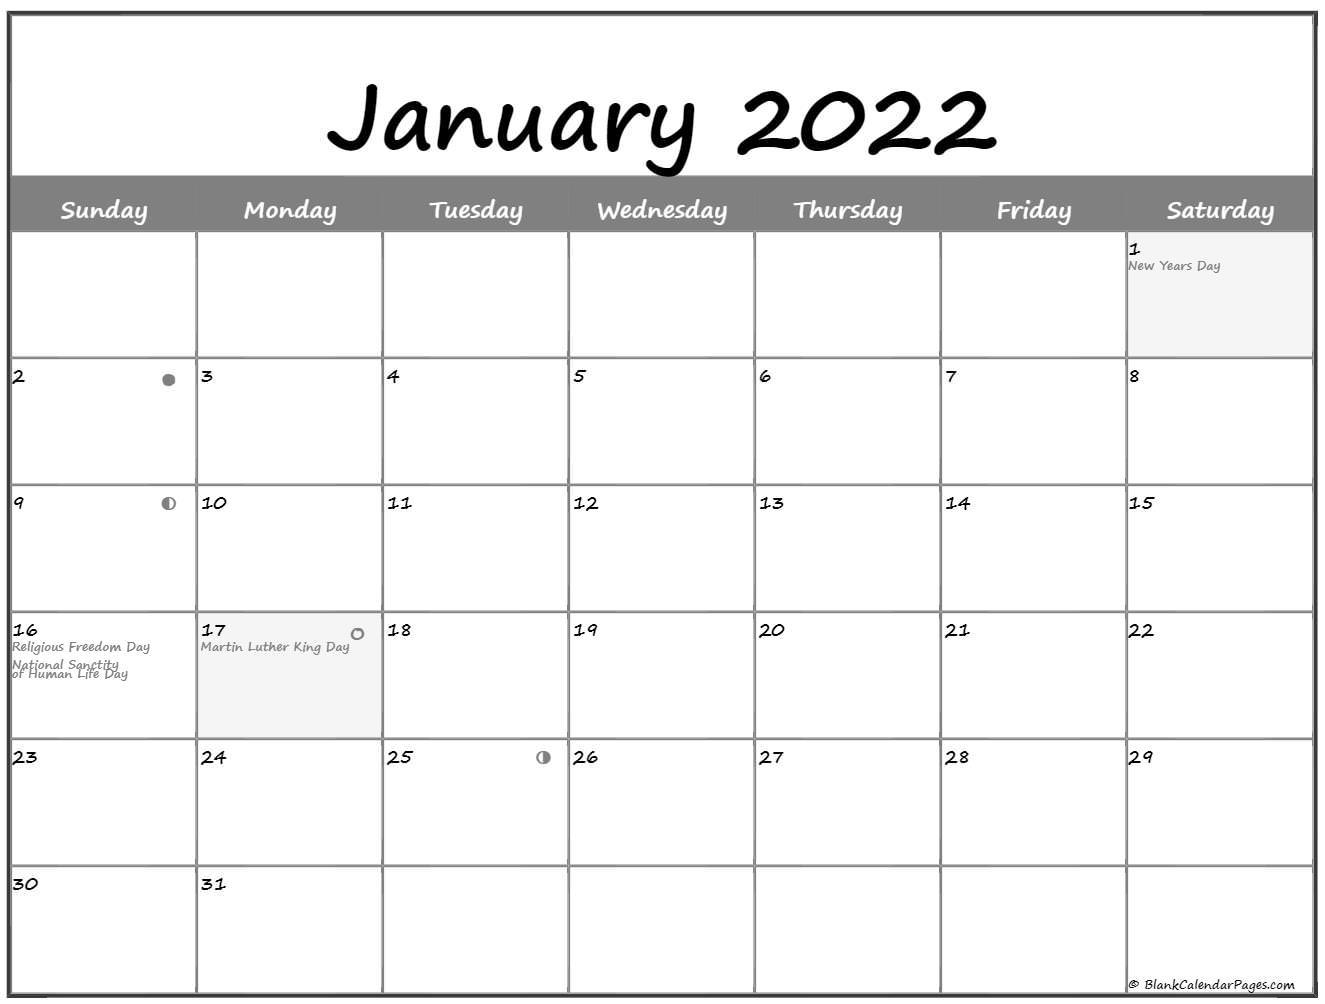 January 2022 Lunar Calendar | Moon Phase Calendar Throughout Blank January 2022 Calendar